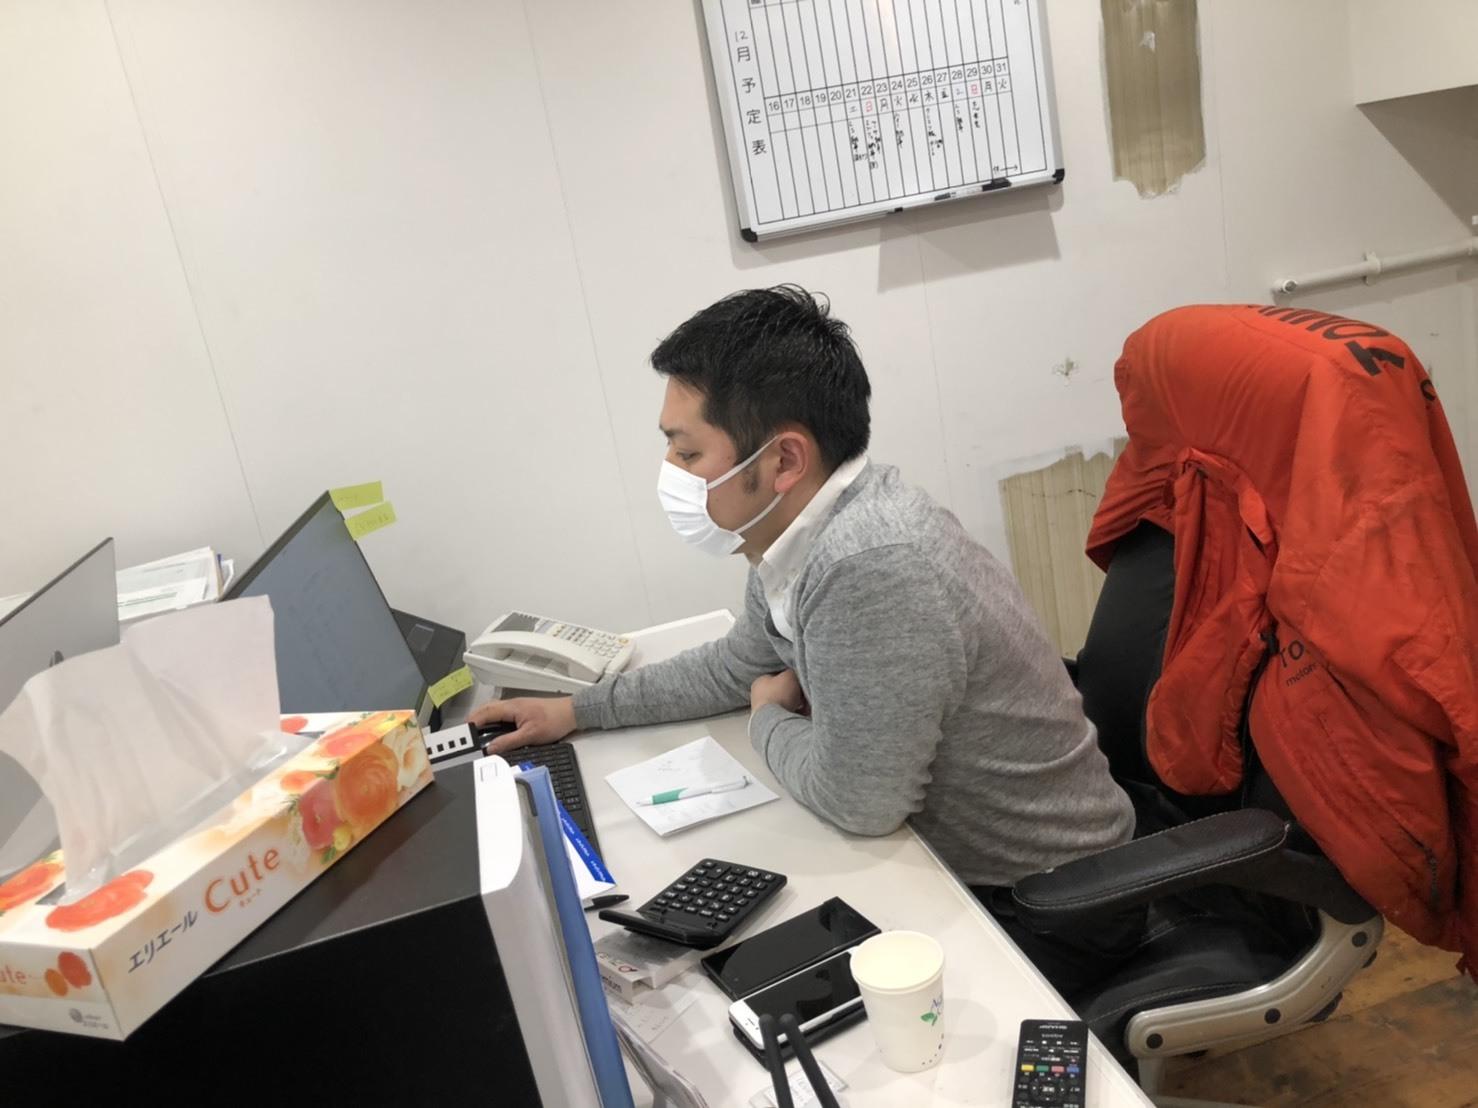 12月22日(日)TOMMYBASEブログ☆S様エブリィワゴン納車✨✨レクサス専門♬スバル車多数🎶限定車♬希少車🎶レガシィ♬フォレスター☆自社ローン_b0127002_18310658.jpg